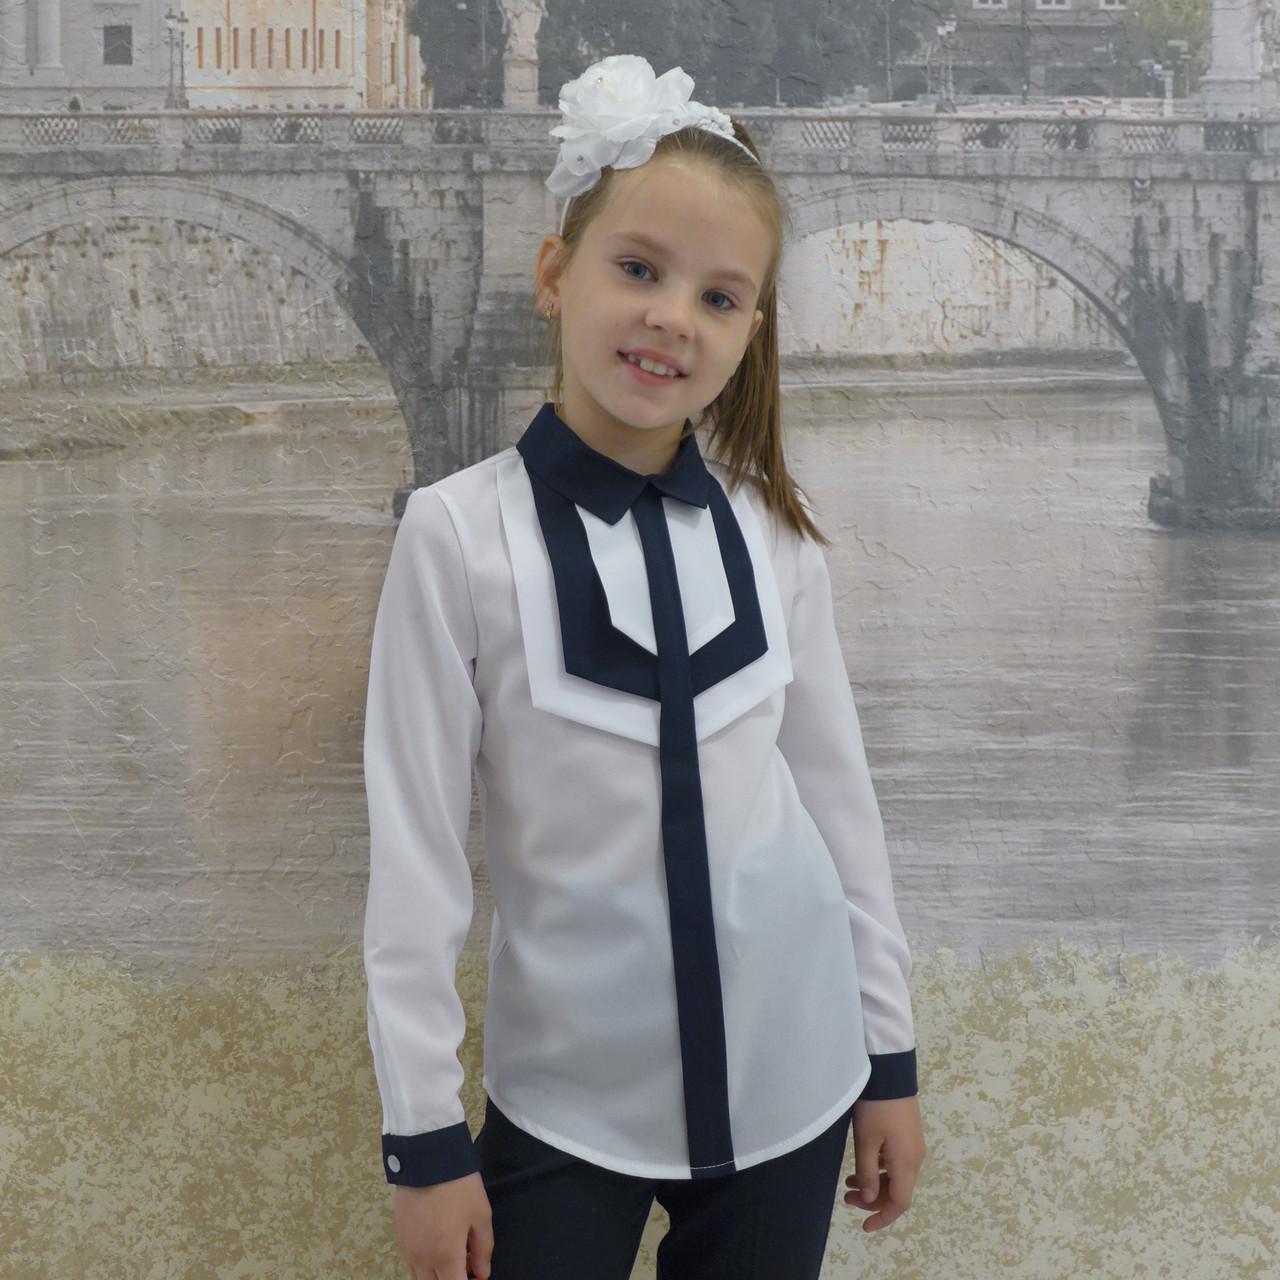 """Блузка для девочки """"Накладки""""(белая ссиней отделкой) длиный рукав"""